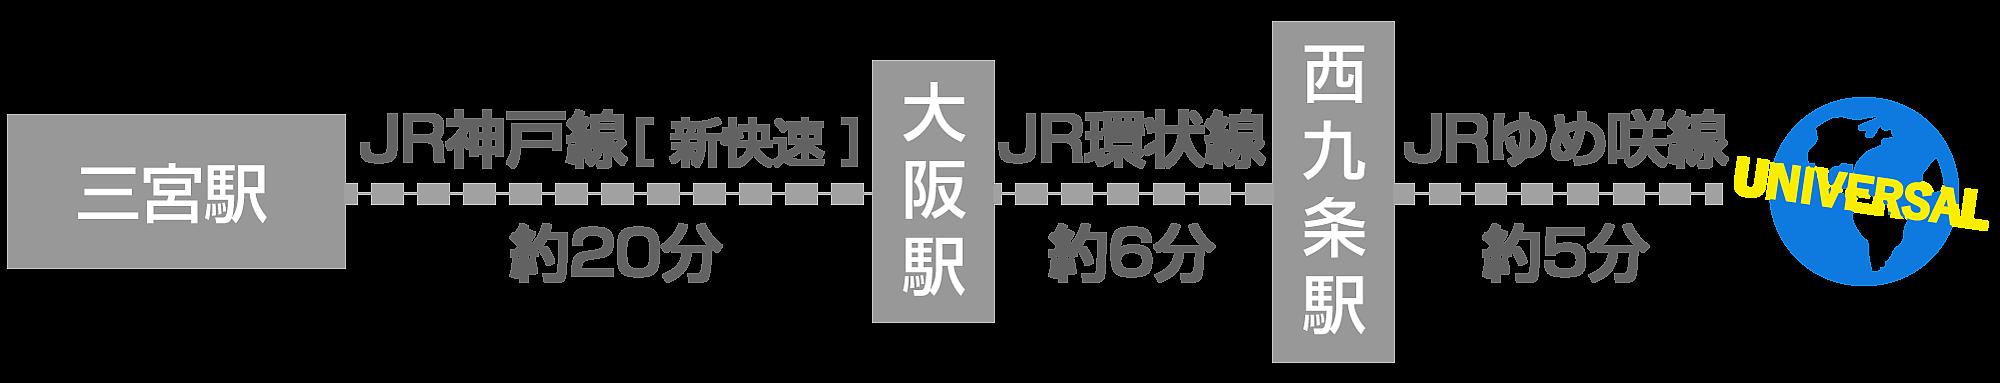 神戸から電車でUSJ